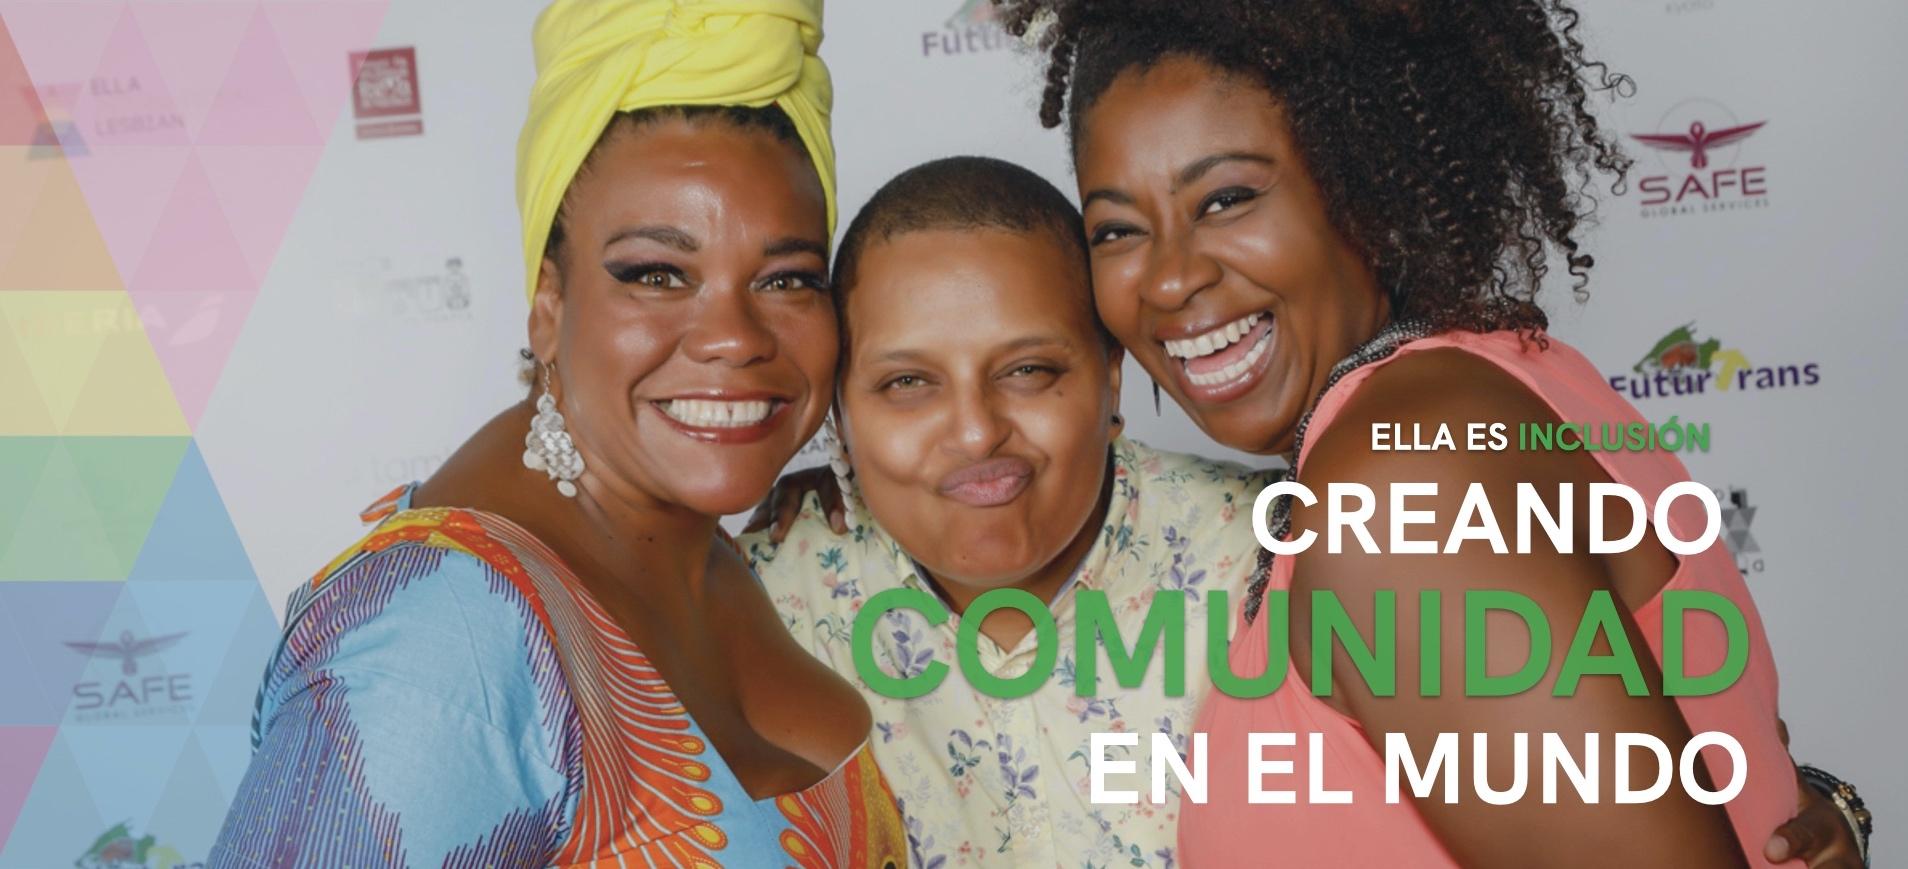 Mujeres negras posando en ELLA Festival